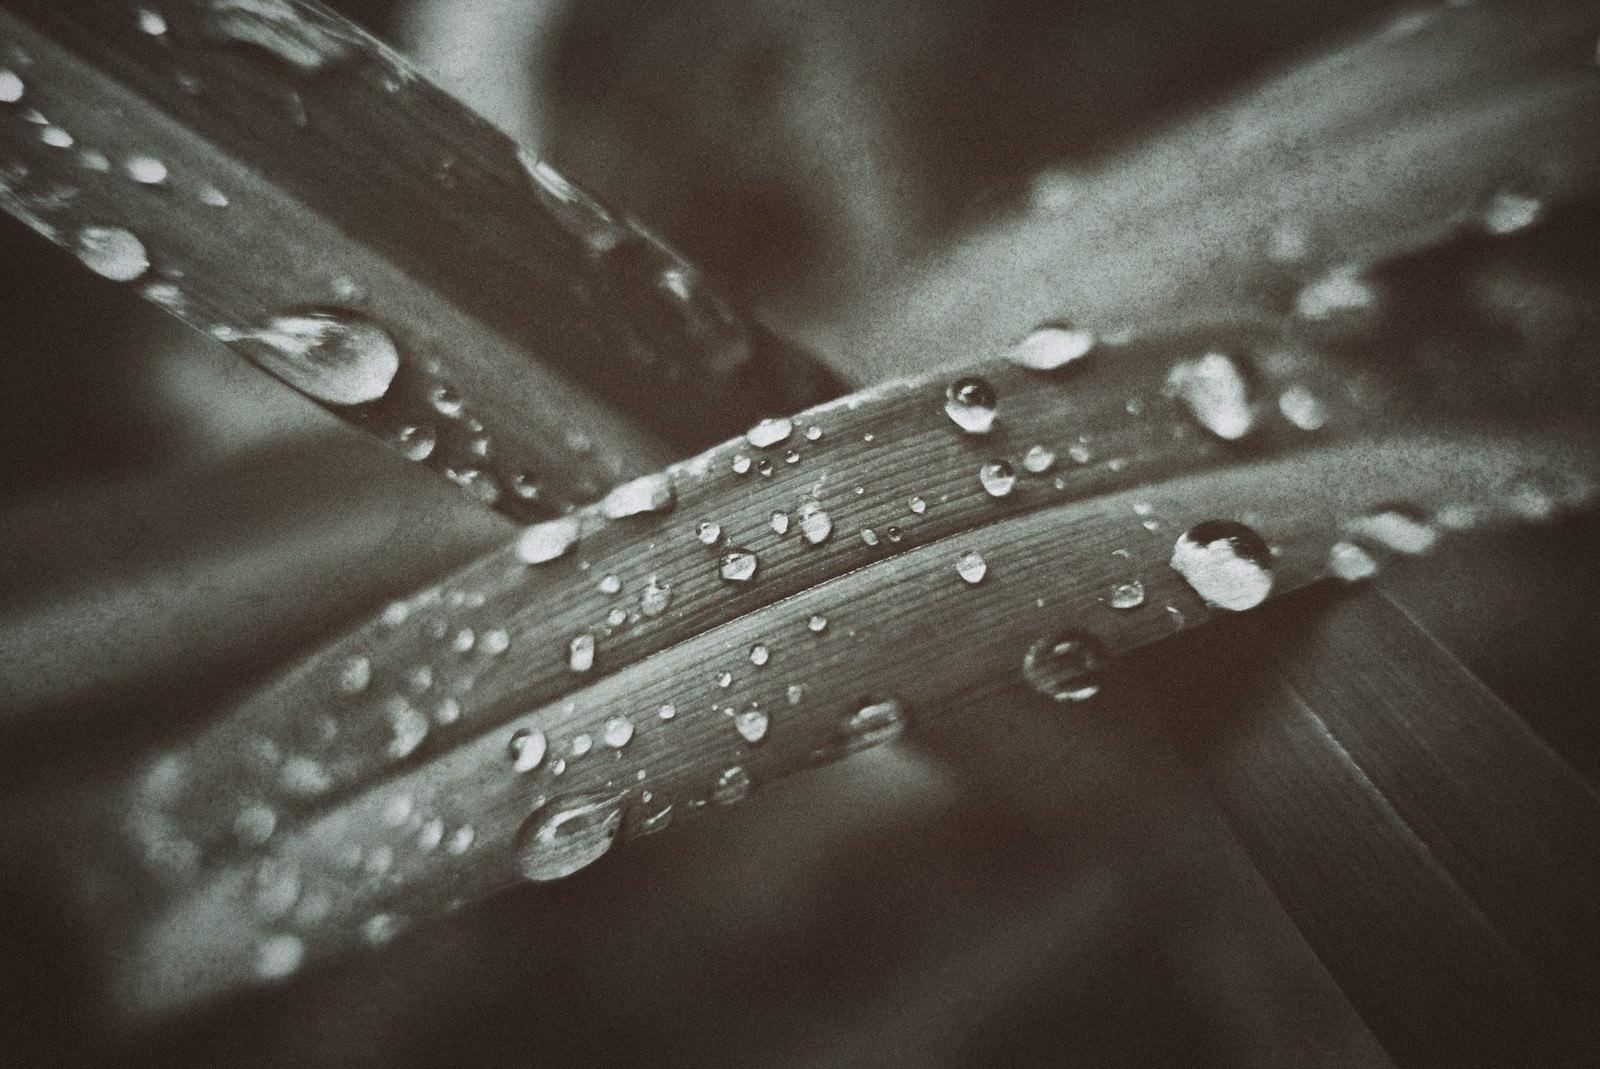 「水滴と植物の葉」の写真